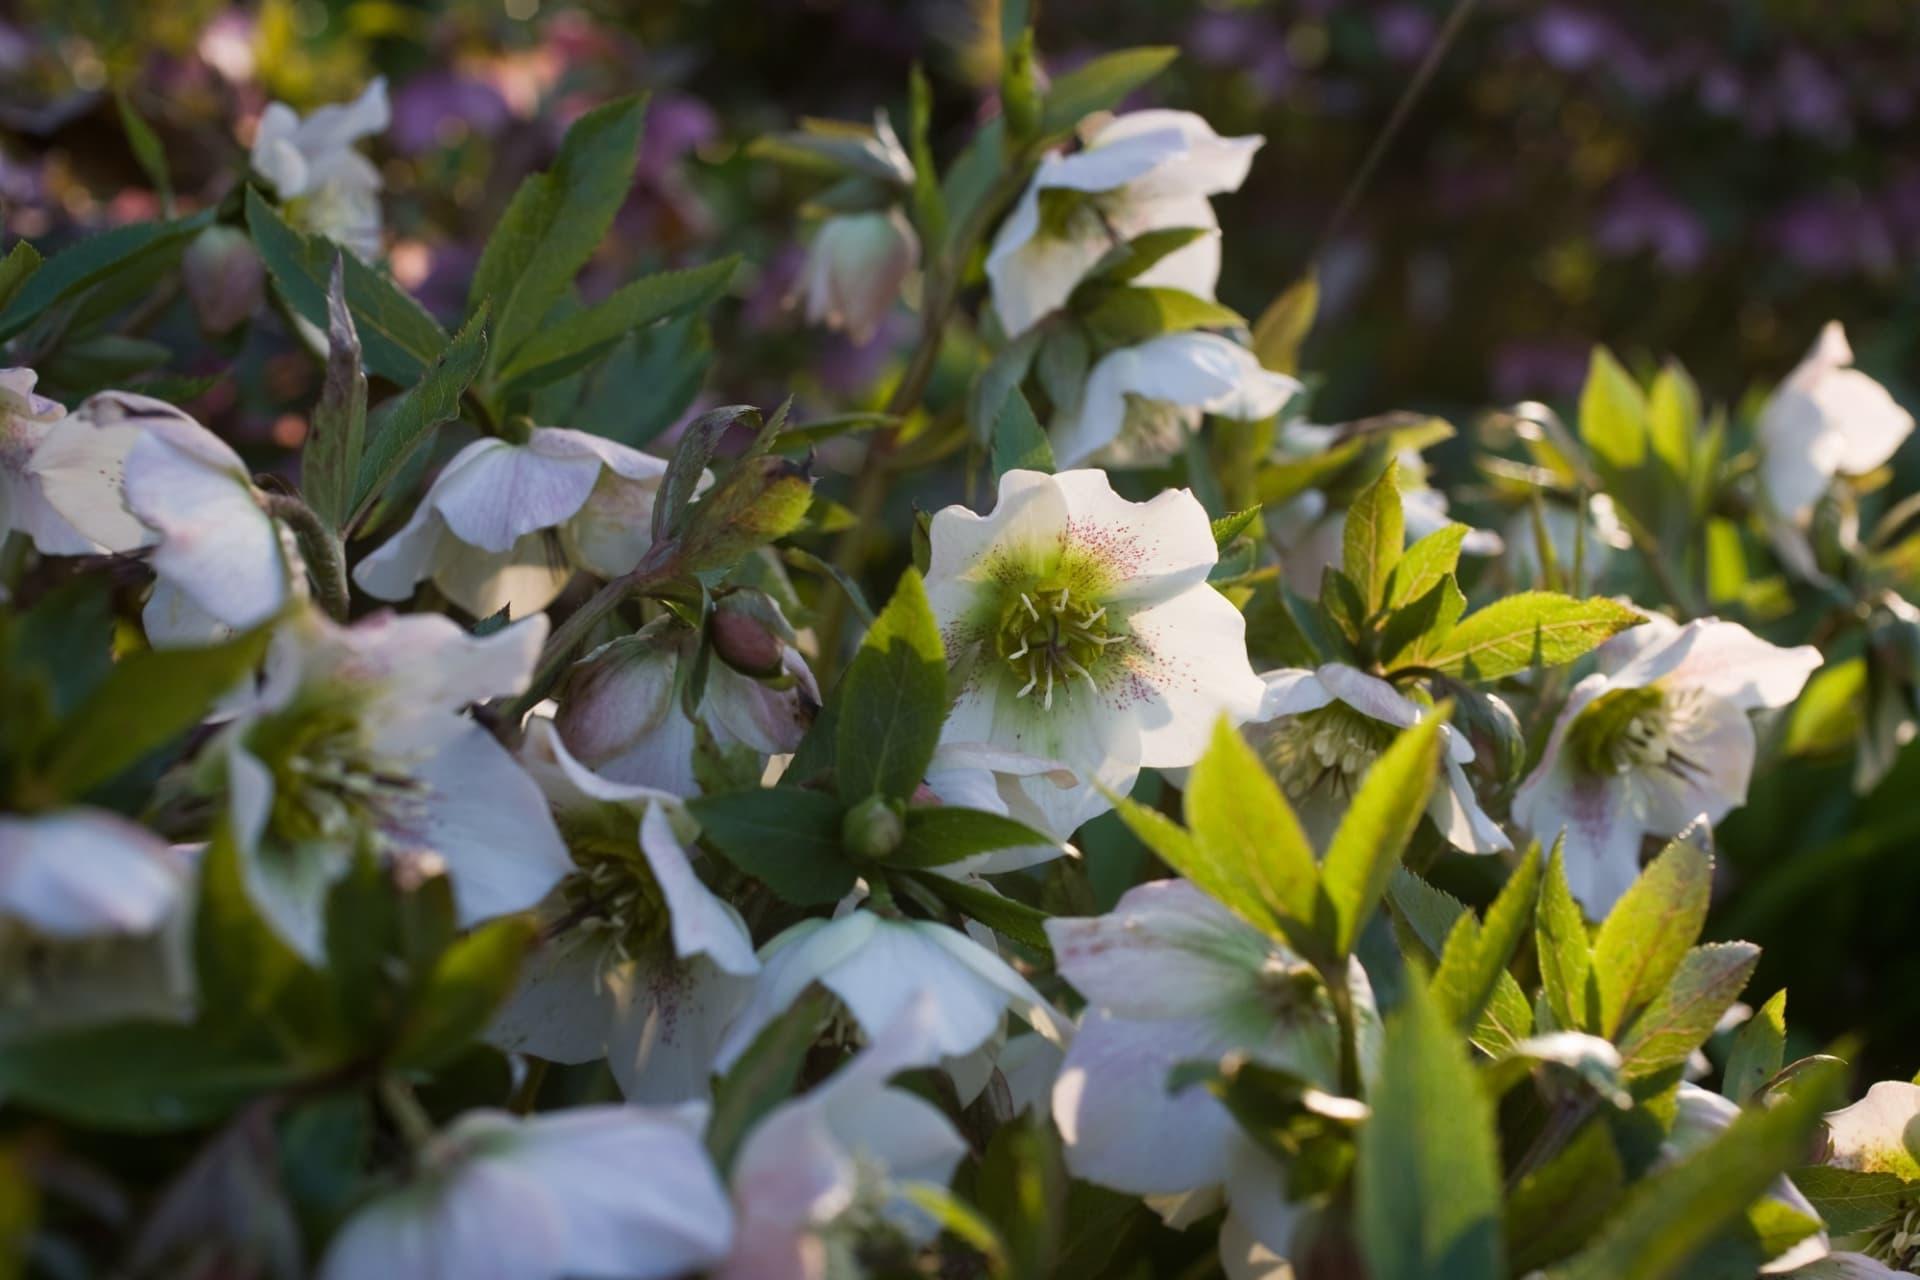 Orientalis hybriderna uppträder i en mängd olika färger. Det finns sorter med vita, rosa, röda, gula, svarta, ljusgröna och prickiga blommor.